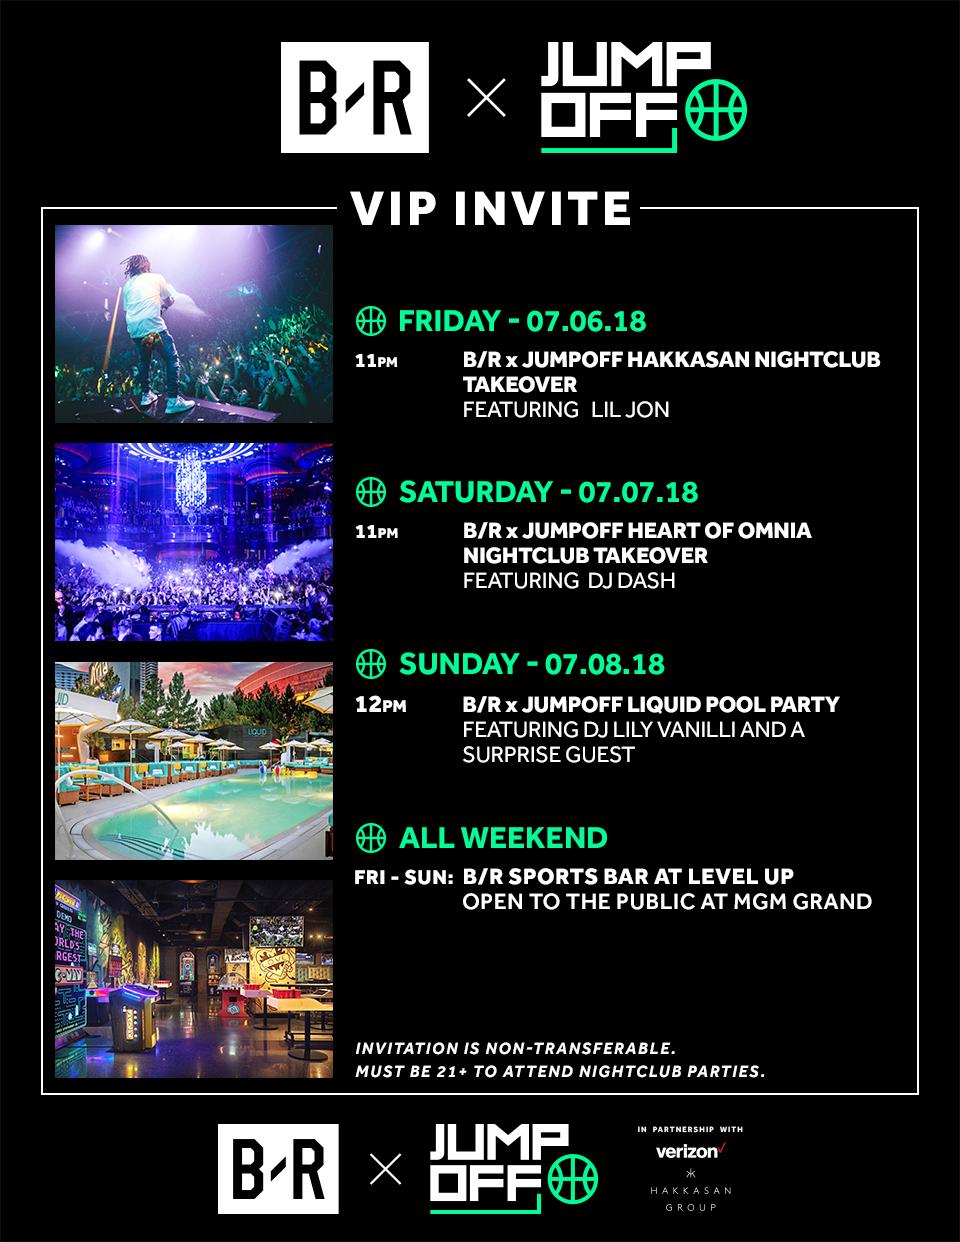 BRxJumpOff_Invite_VIP.jpg